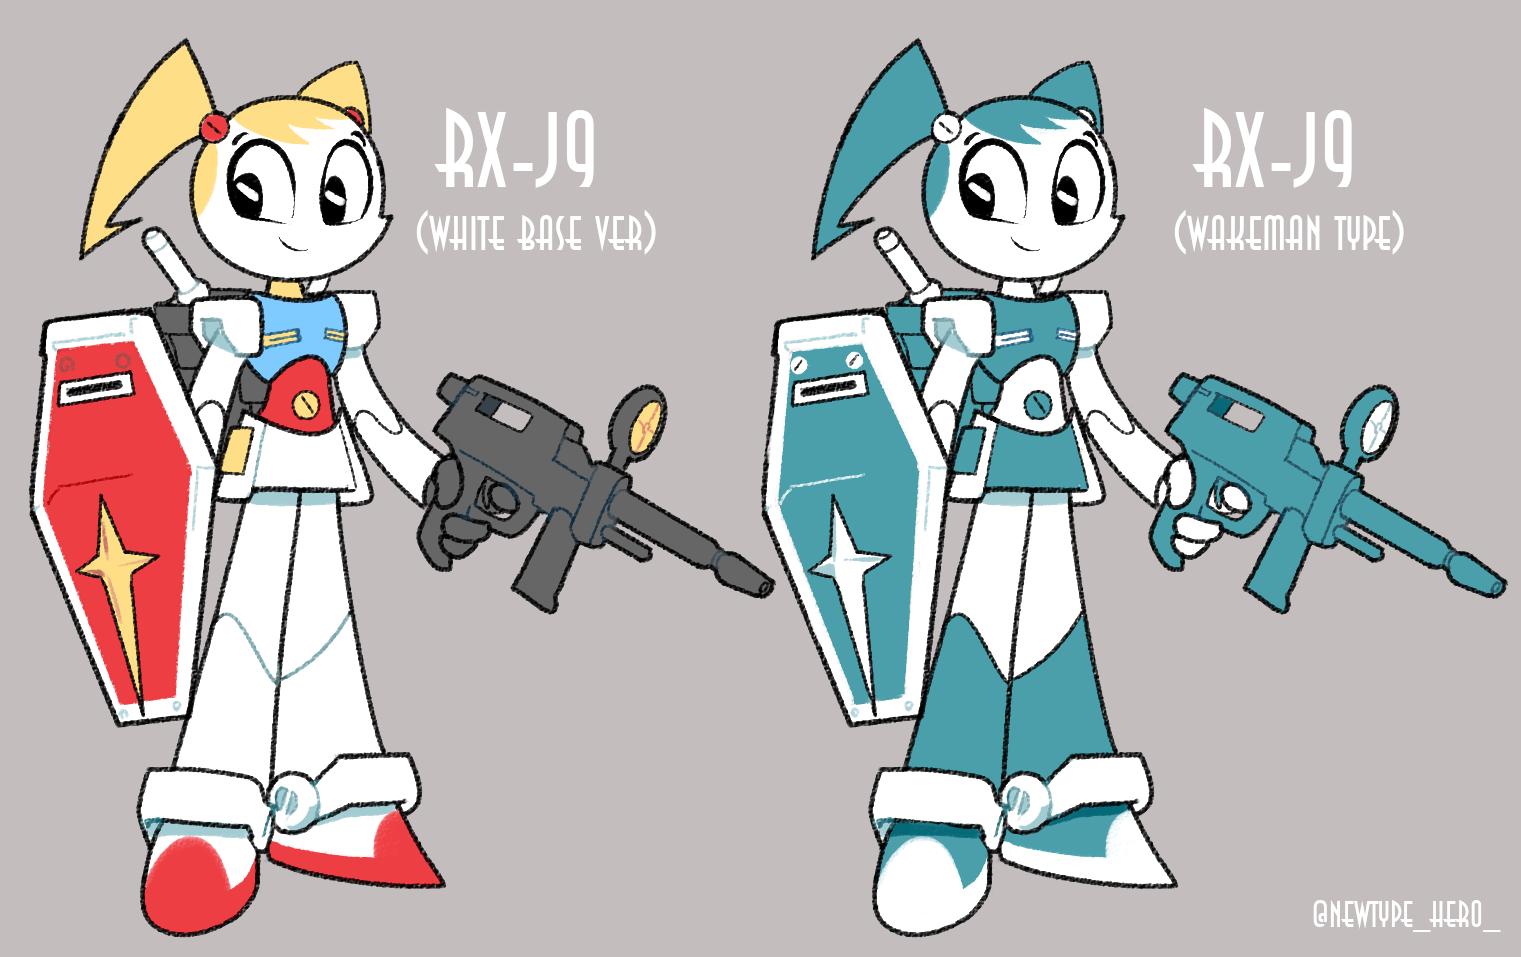 RX-J9